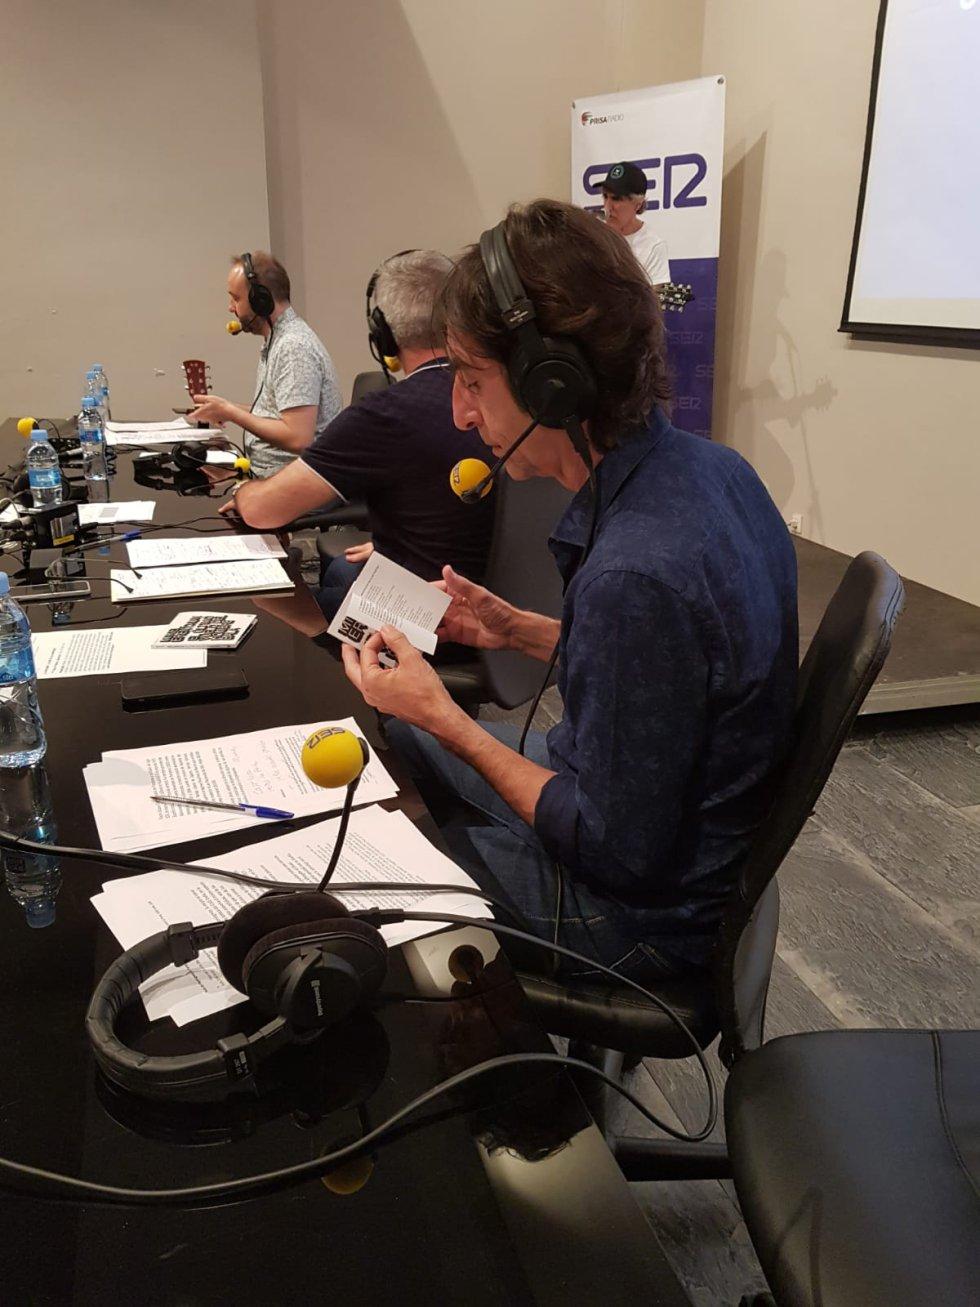 Benjamín Prado va siguiendo la letra de la canción mientras canta Mikel Erentxun